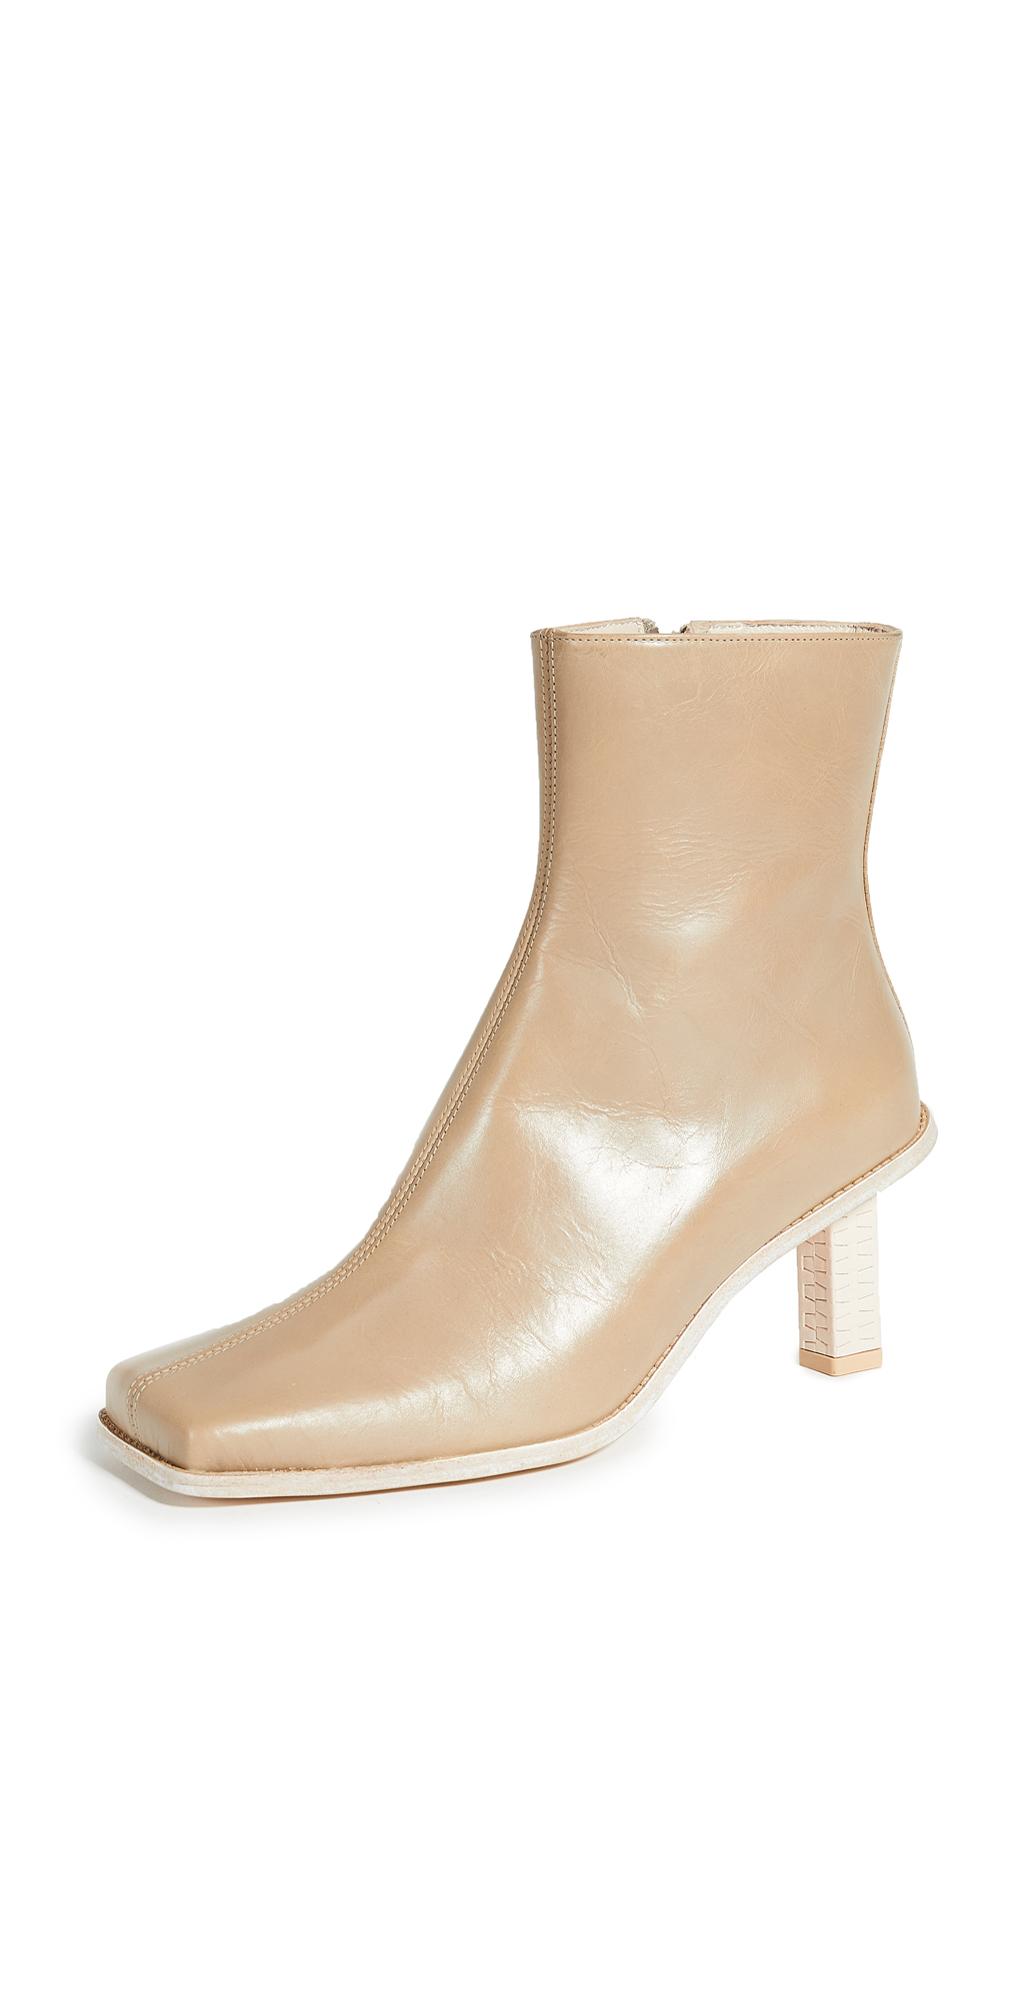 Jacquemus Les Bottes Carro Basses Boots